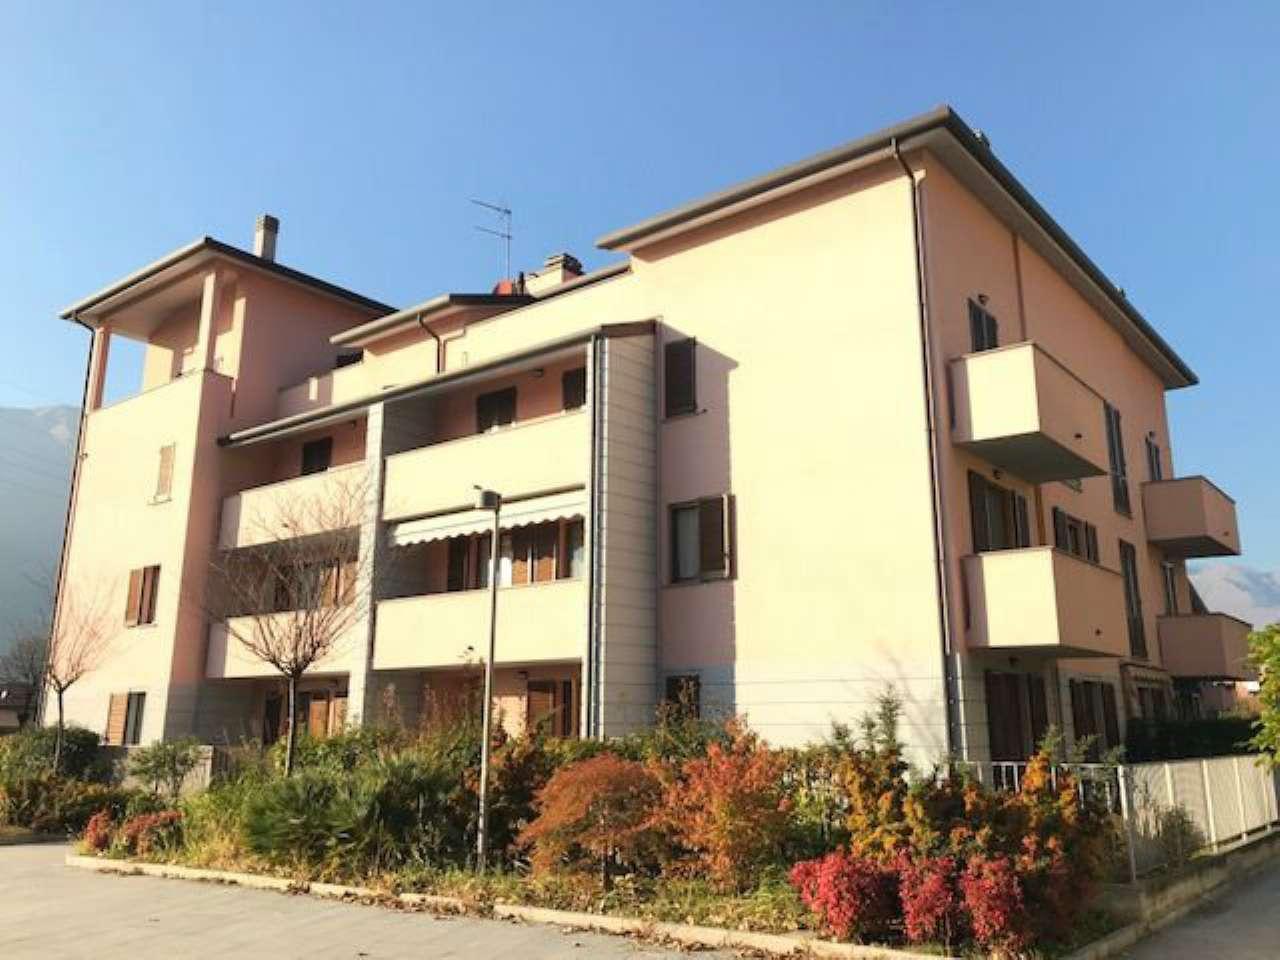 Appartamento in vendita a Dervio, 2 locali, prezzo € 155.000 | CambioCasa.it